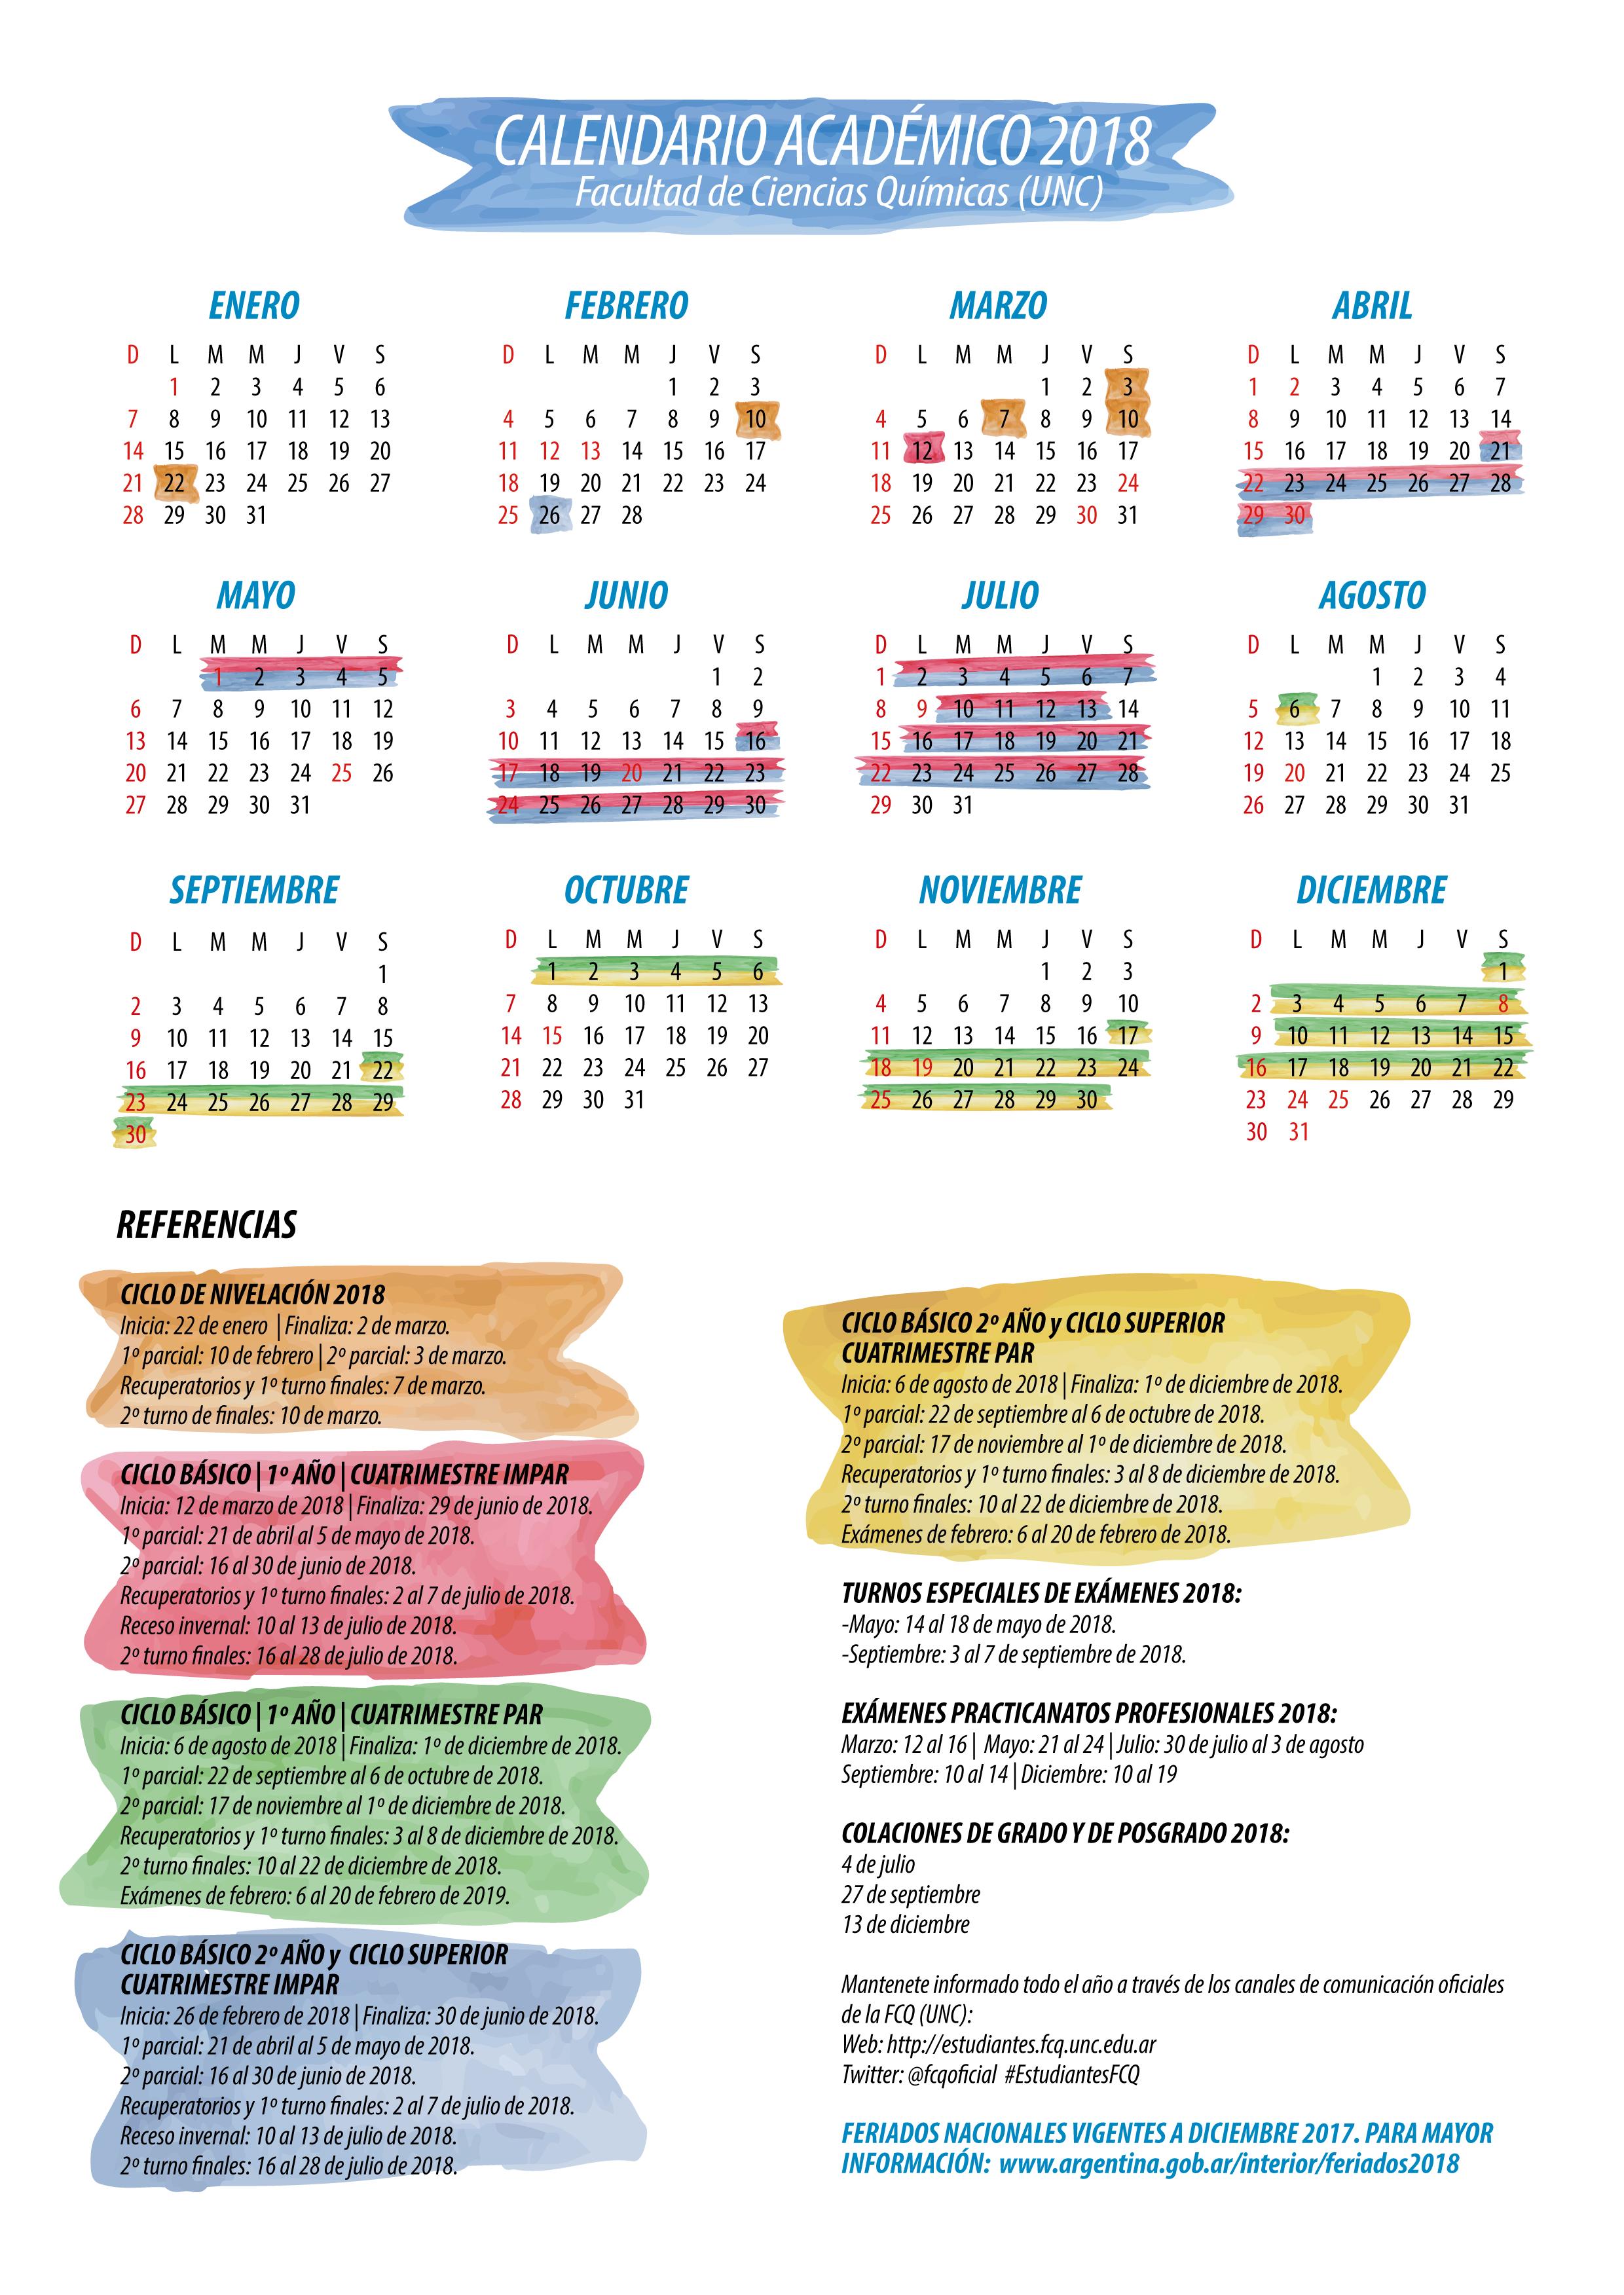 est u00e1 disponible el calendario acad u00e9mico 2018